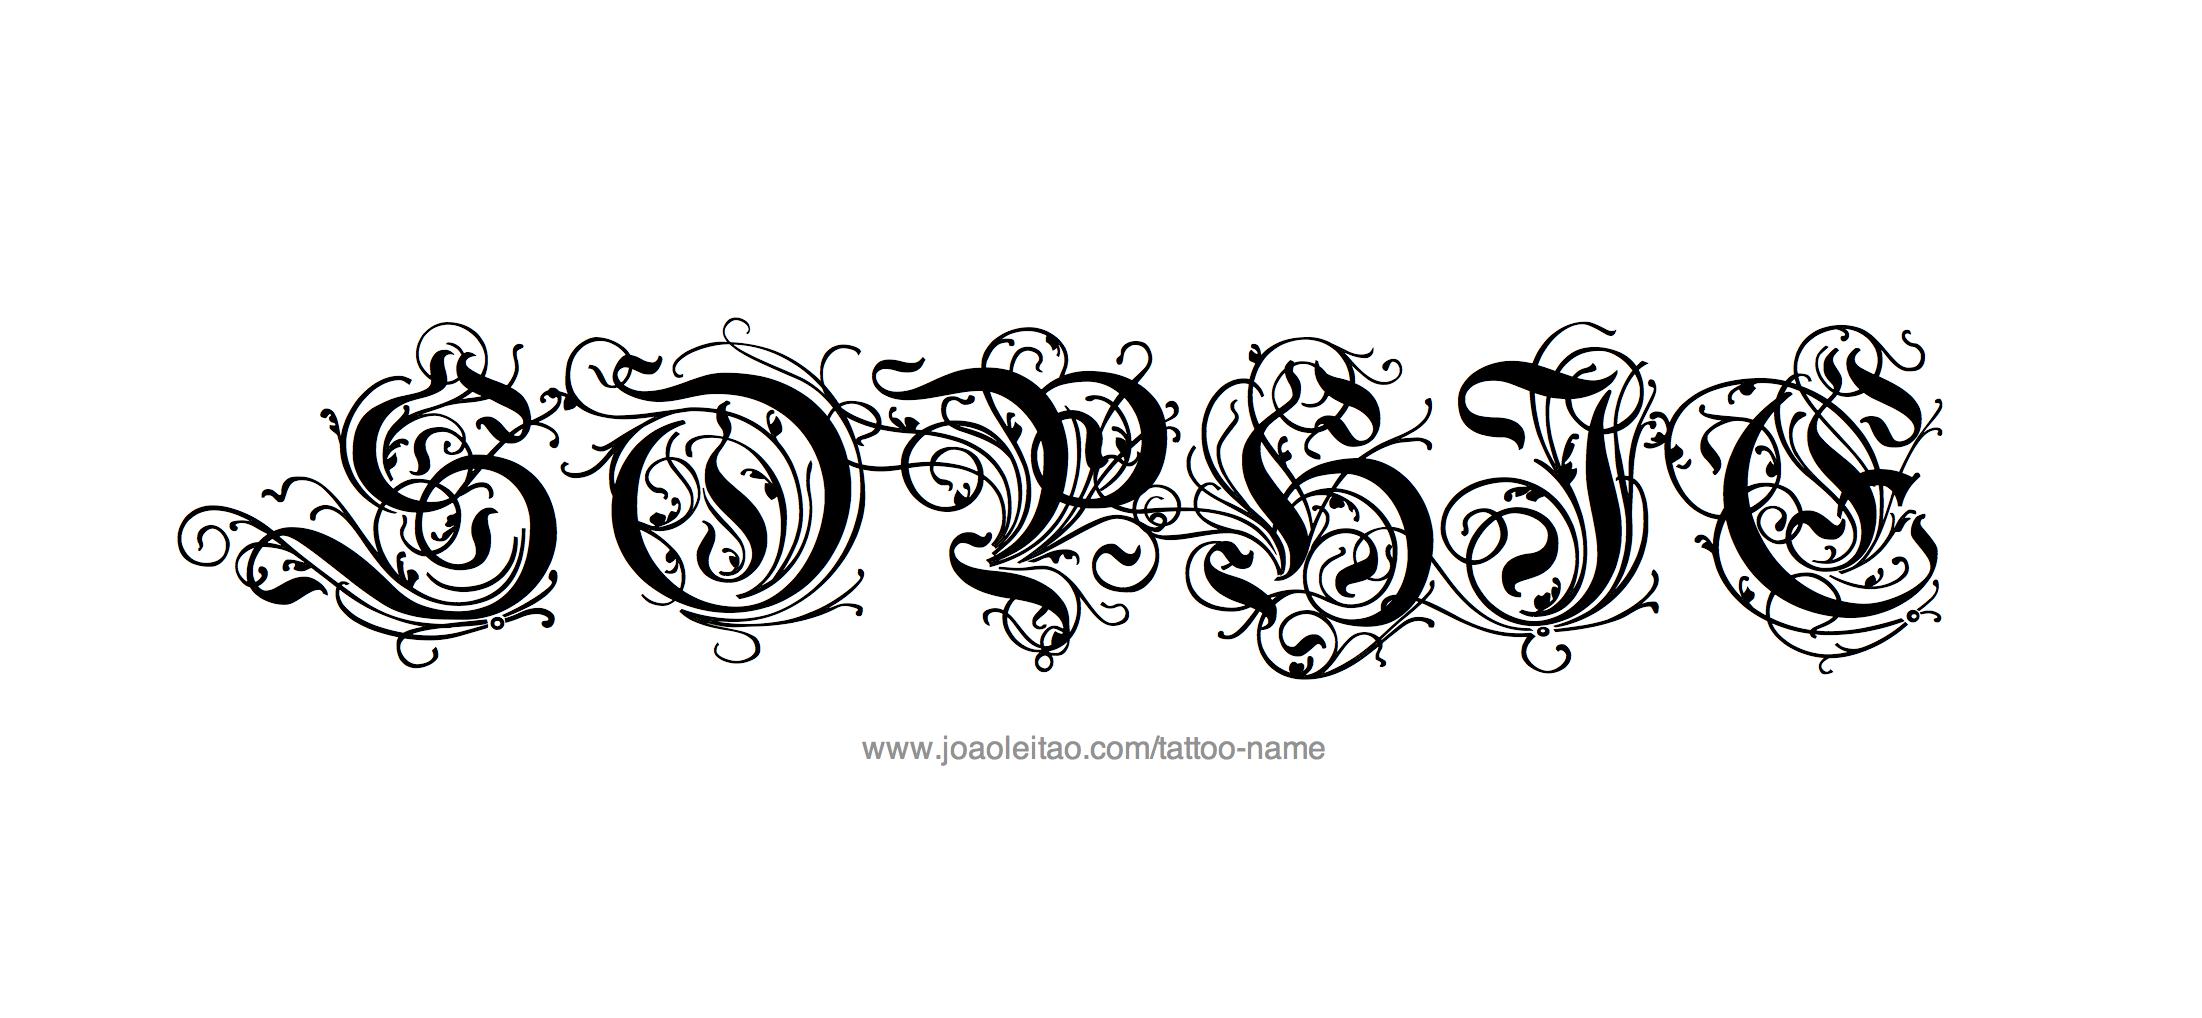 Фото татуировок с именем софия